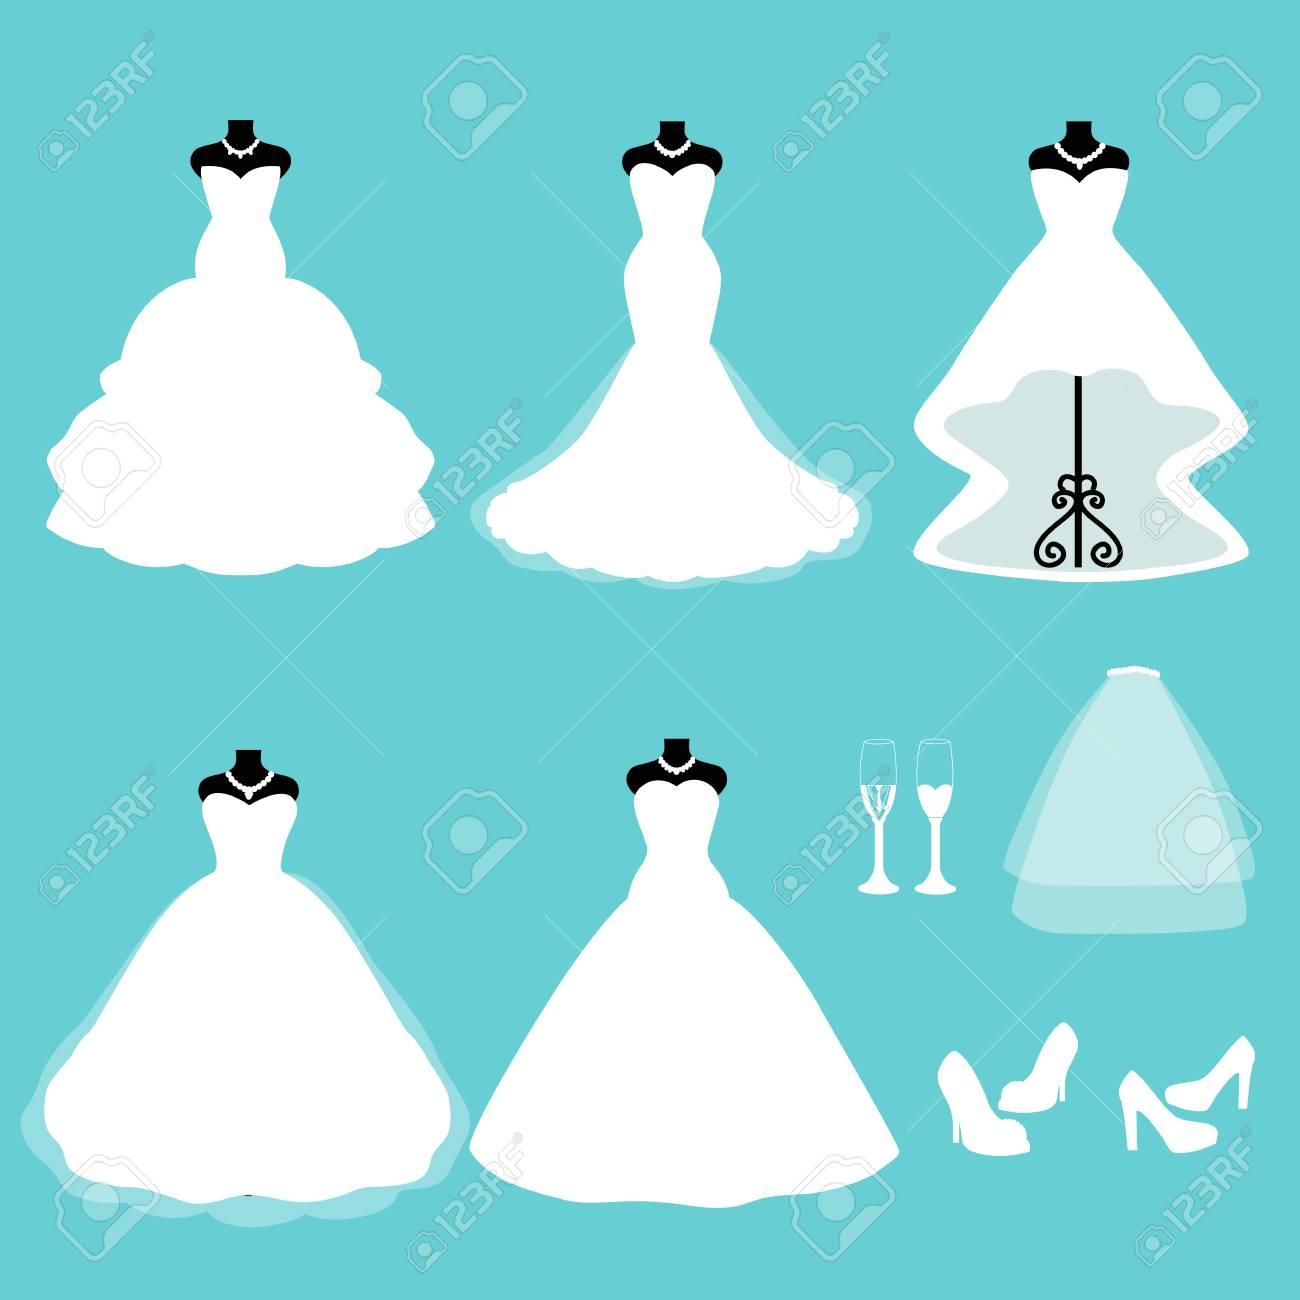 Un Conjunto De Vestidos De Novia. Ropa Para La Novia Iconos De ...